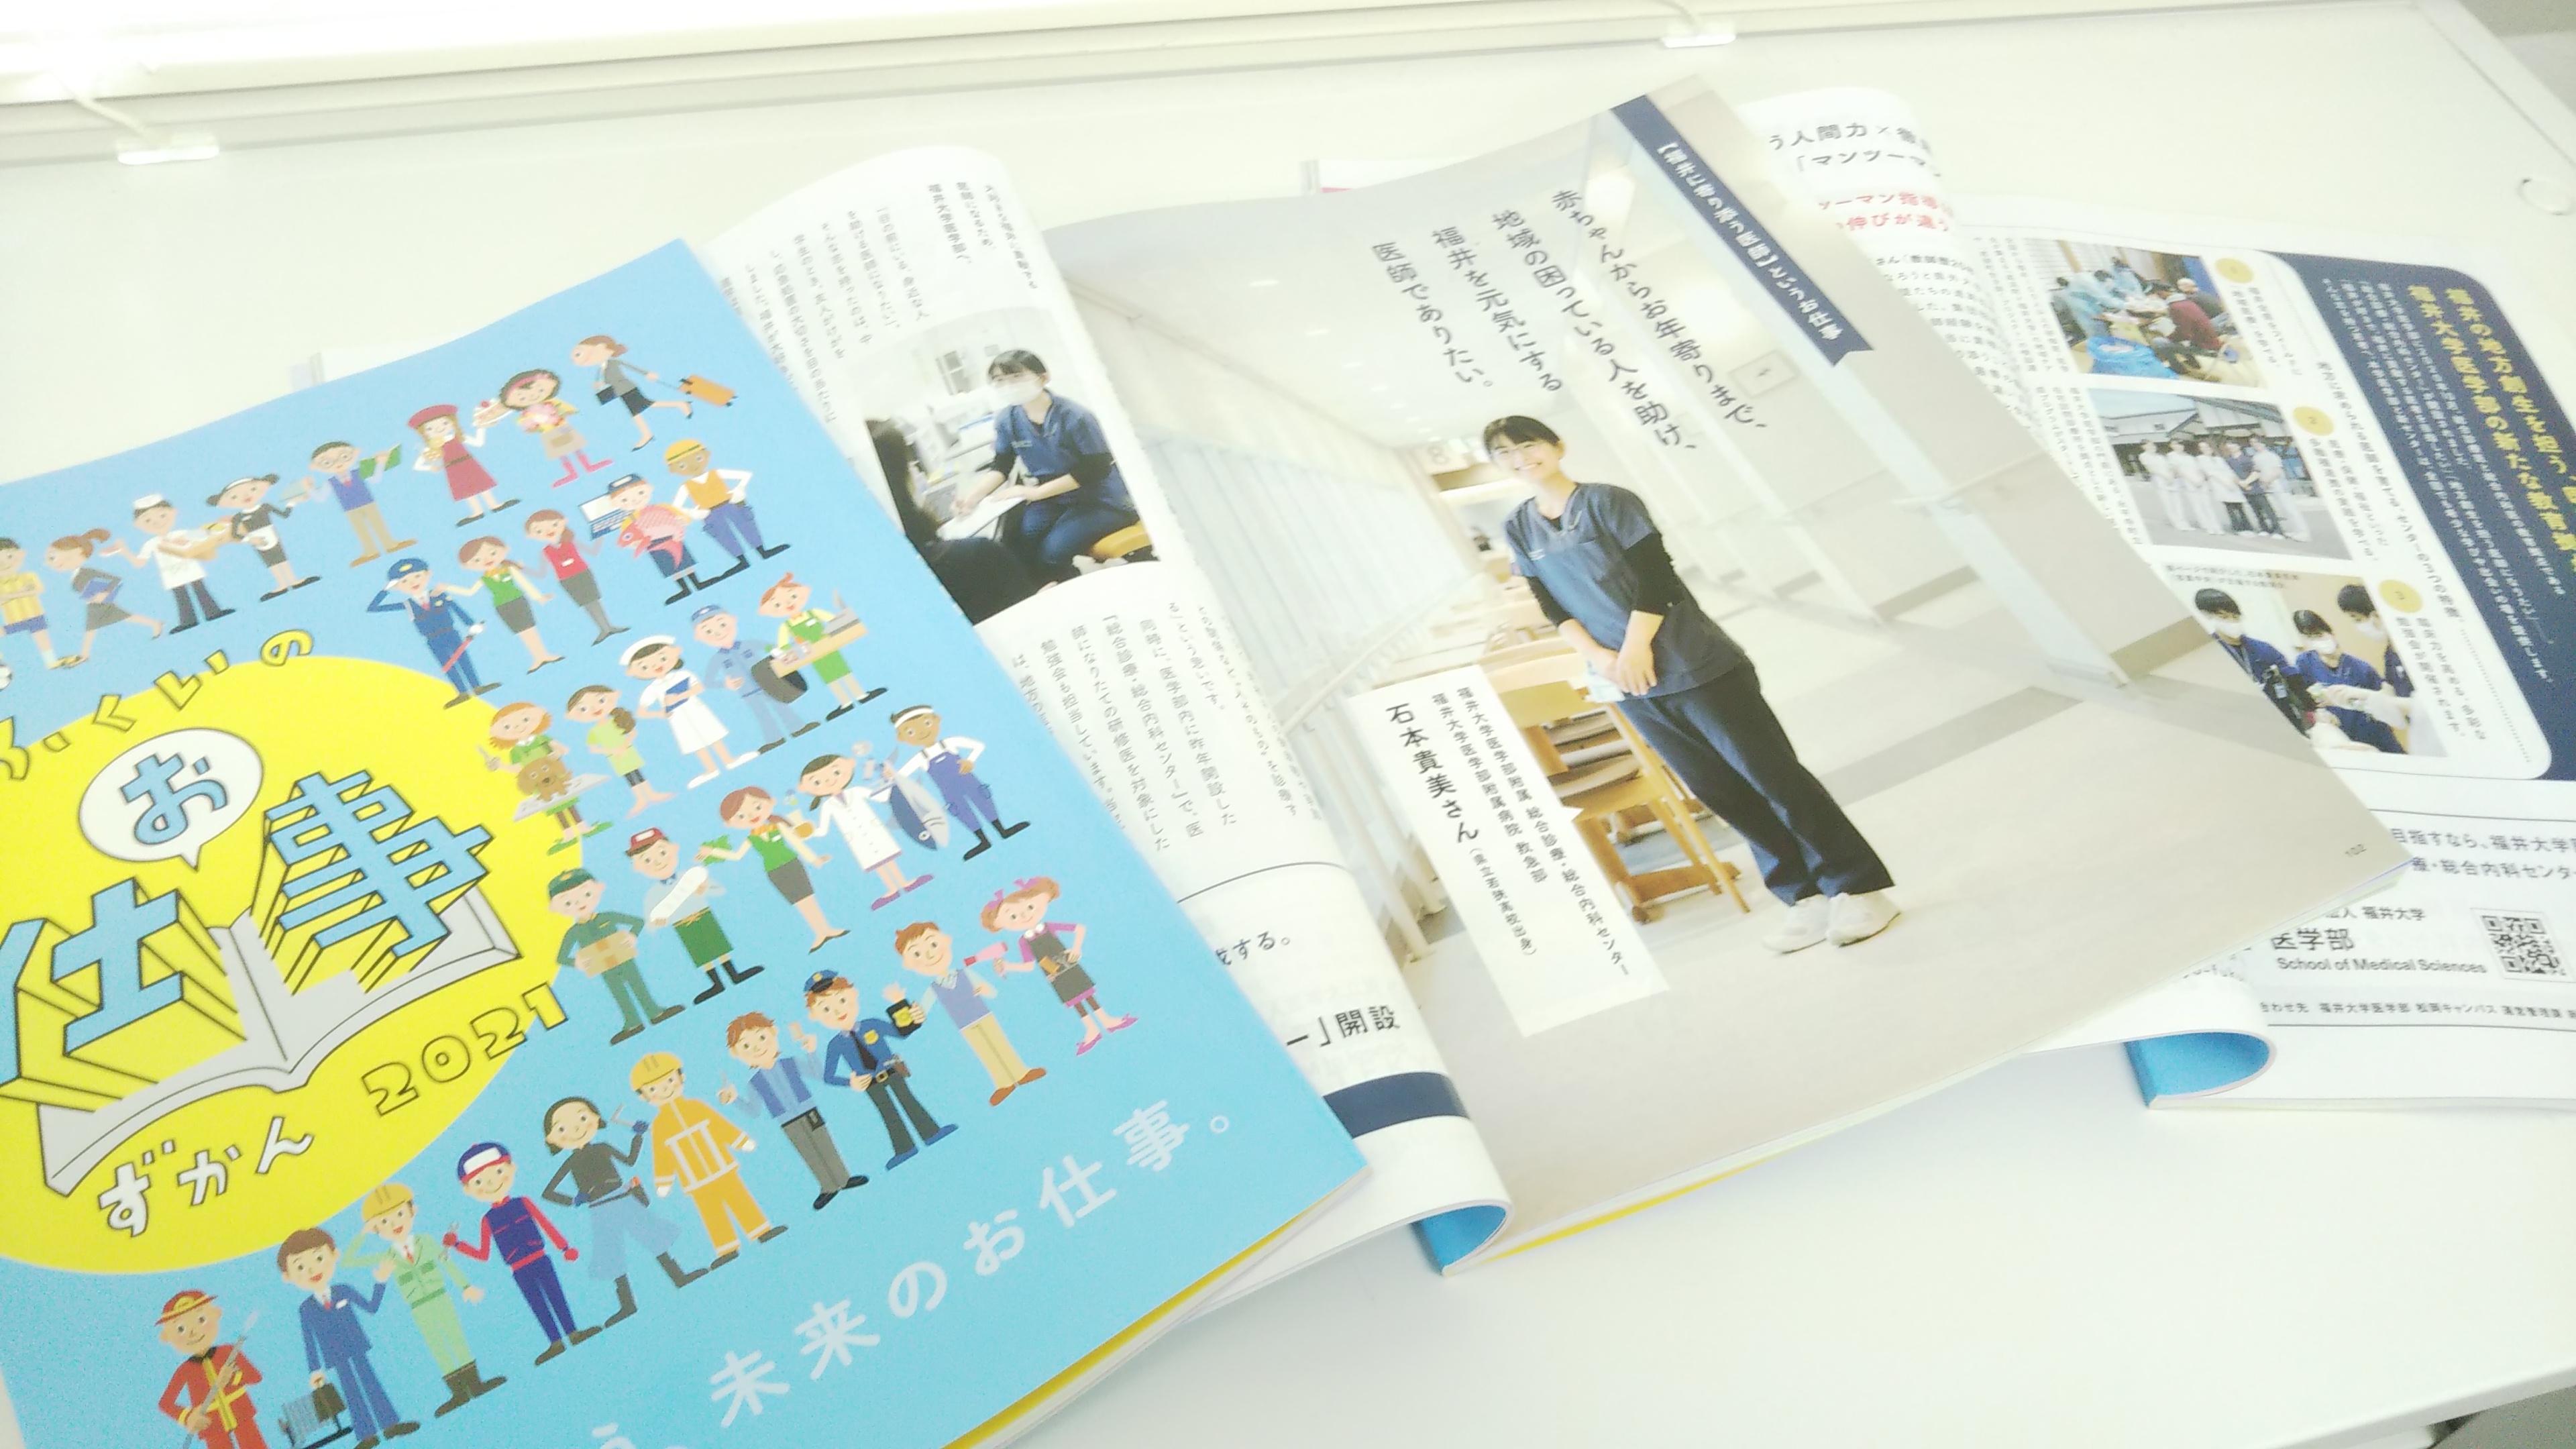 「ふくいのお仕事図鑑」にGGGセンターが紹介されました!